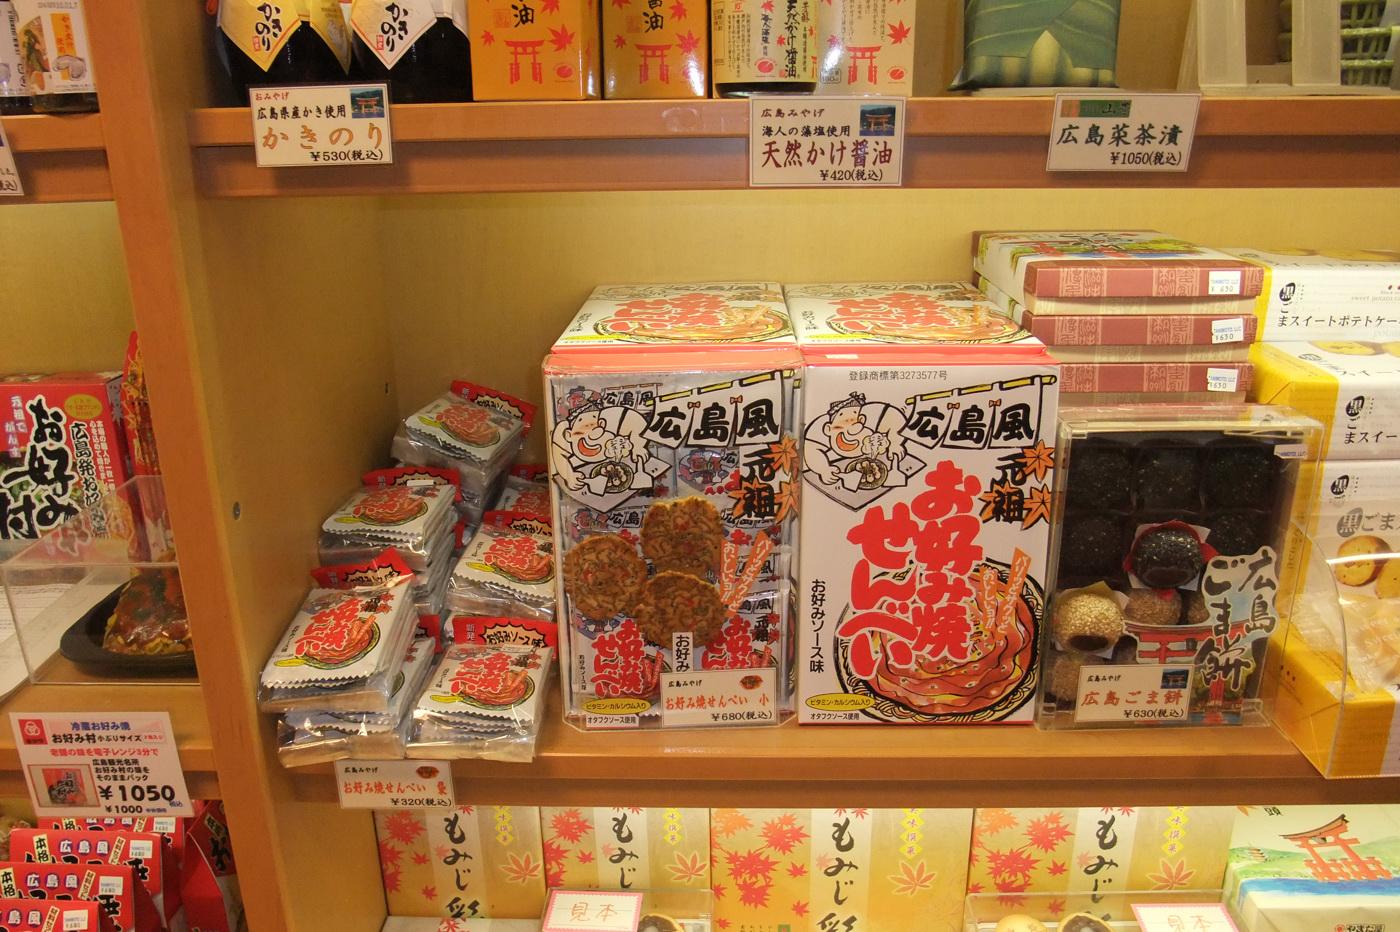 広島といえばお好み焼き